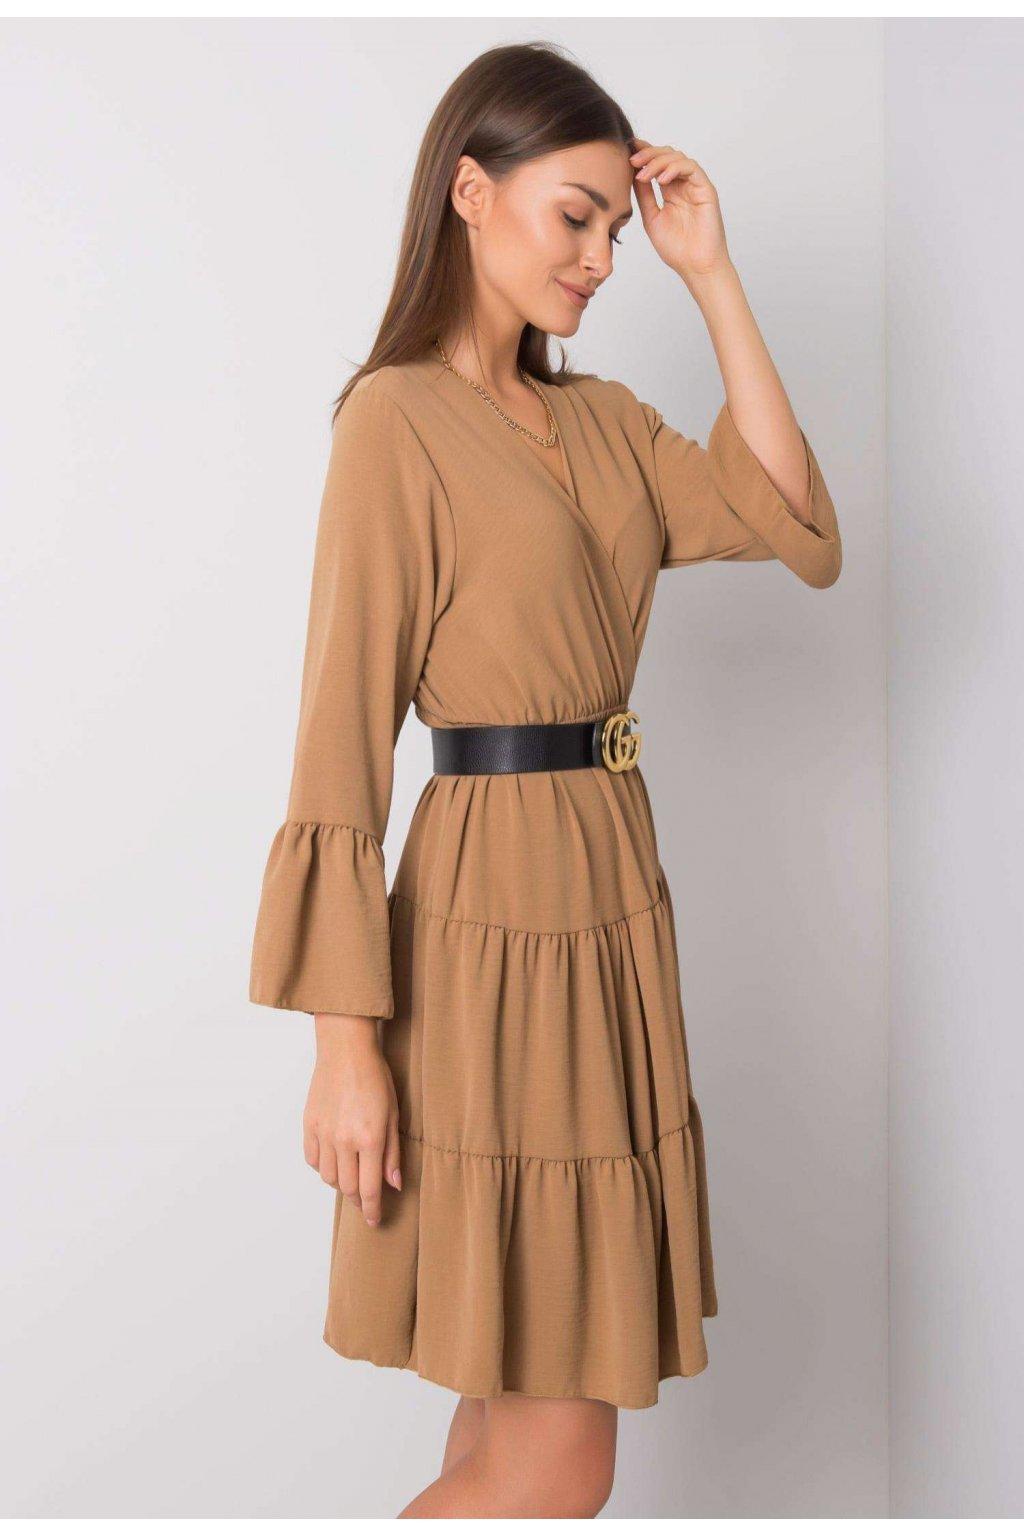 Béžové dámske boho šaty